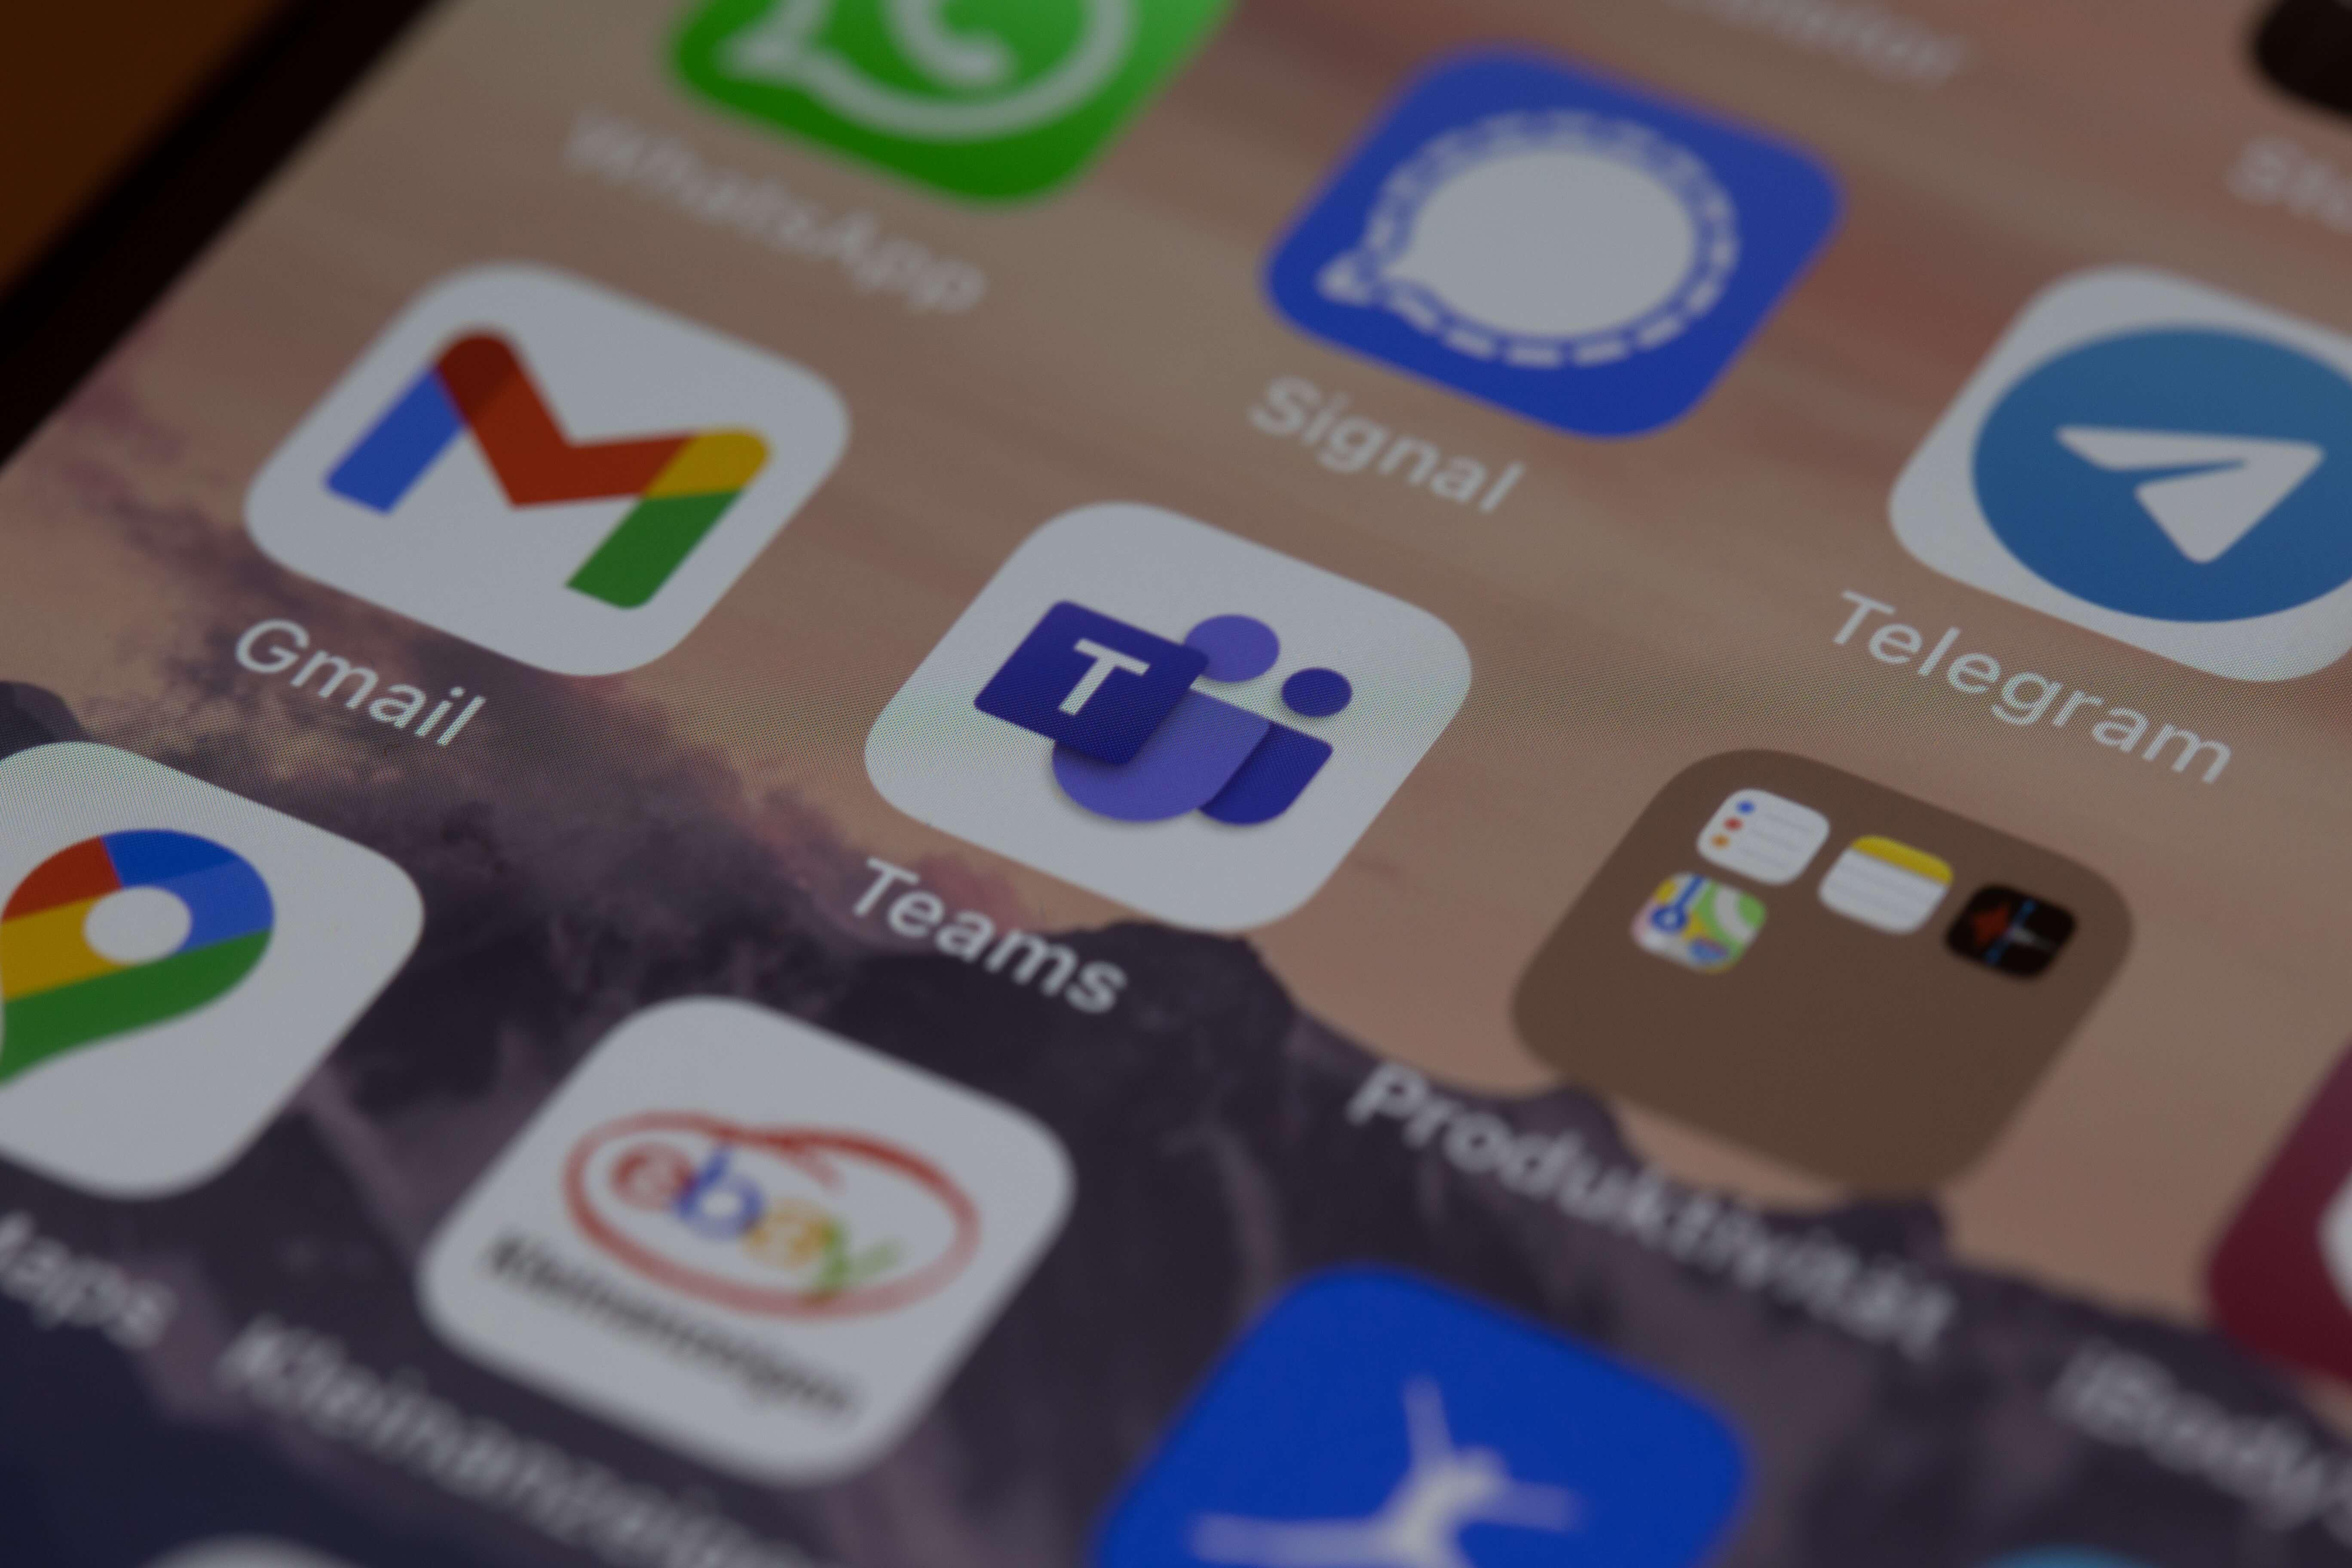 Ne trebate biti dostupni 0-24: Evo par savjeta kako spriječiti ovisnost o društvenim mrežama